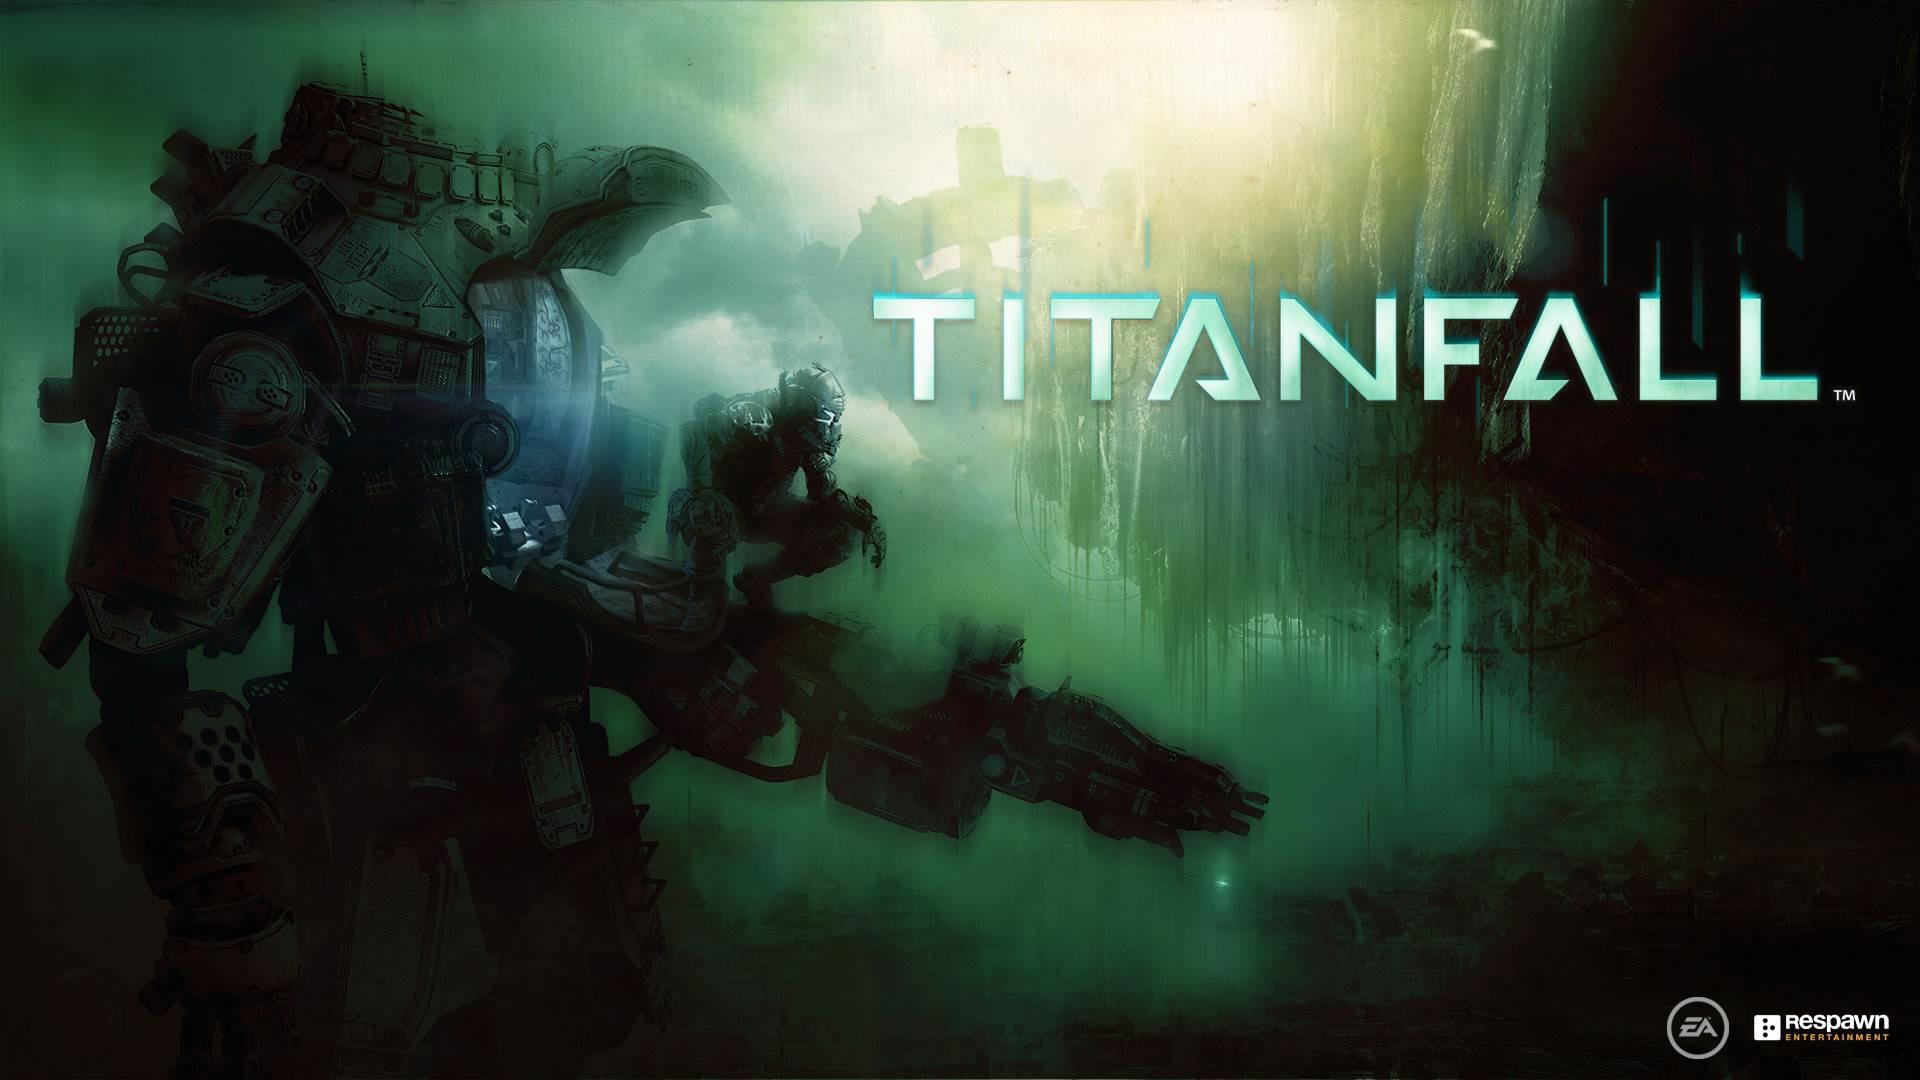 [Rumor] Beta de Titanfall pode ter sido CONFIRMADA para o dia 14 de fevereiro